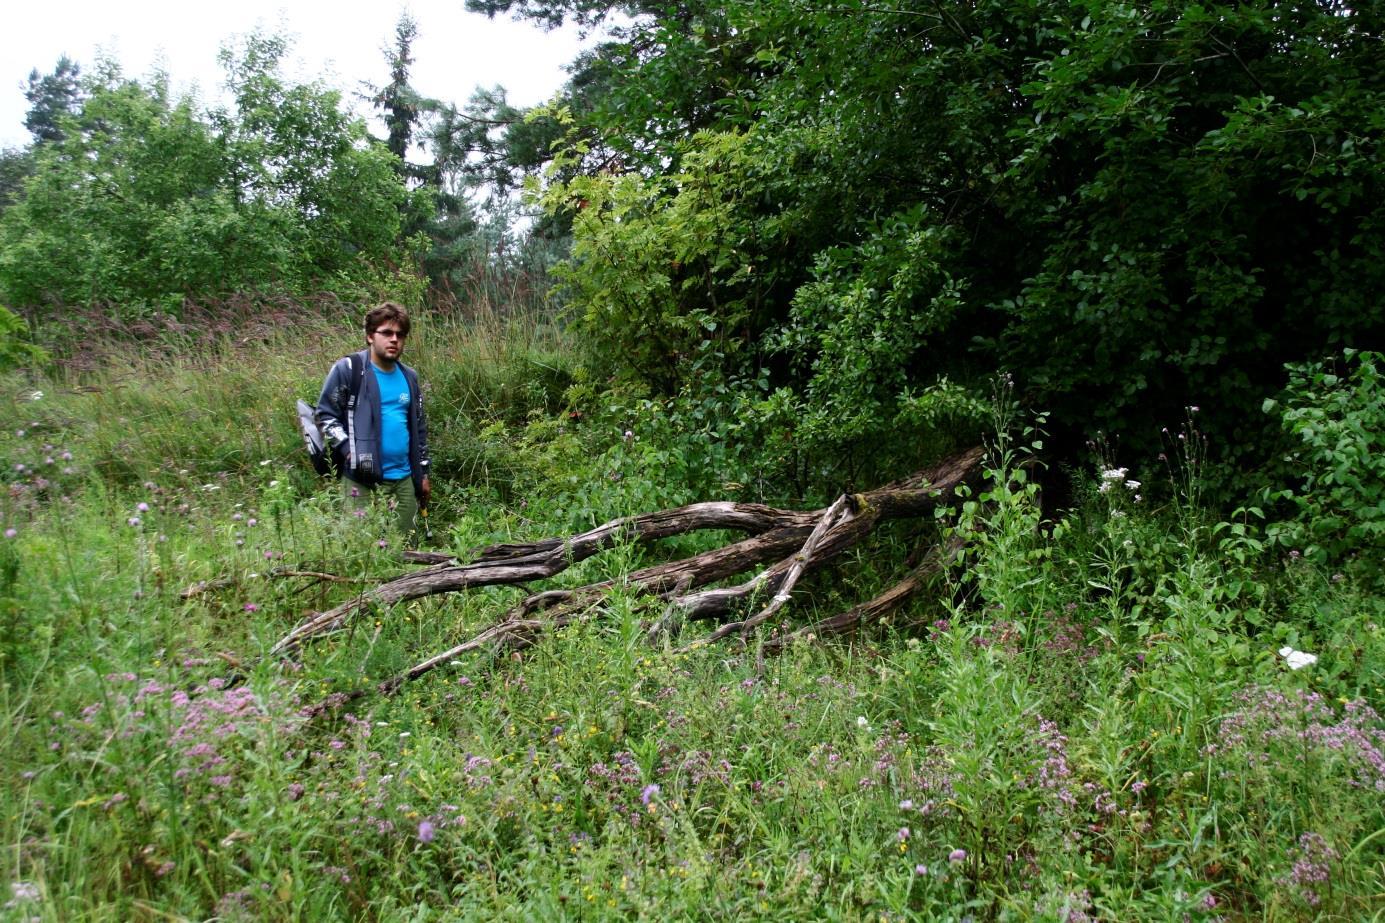 Nõmmeküla paemurru edelanurga läänekülg, kus paljanduvad kamardunud lubjakivitükid (foto: T. Ani, 2012).